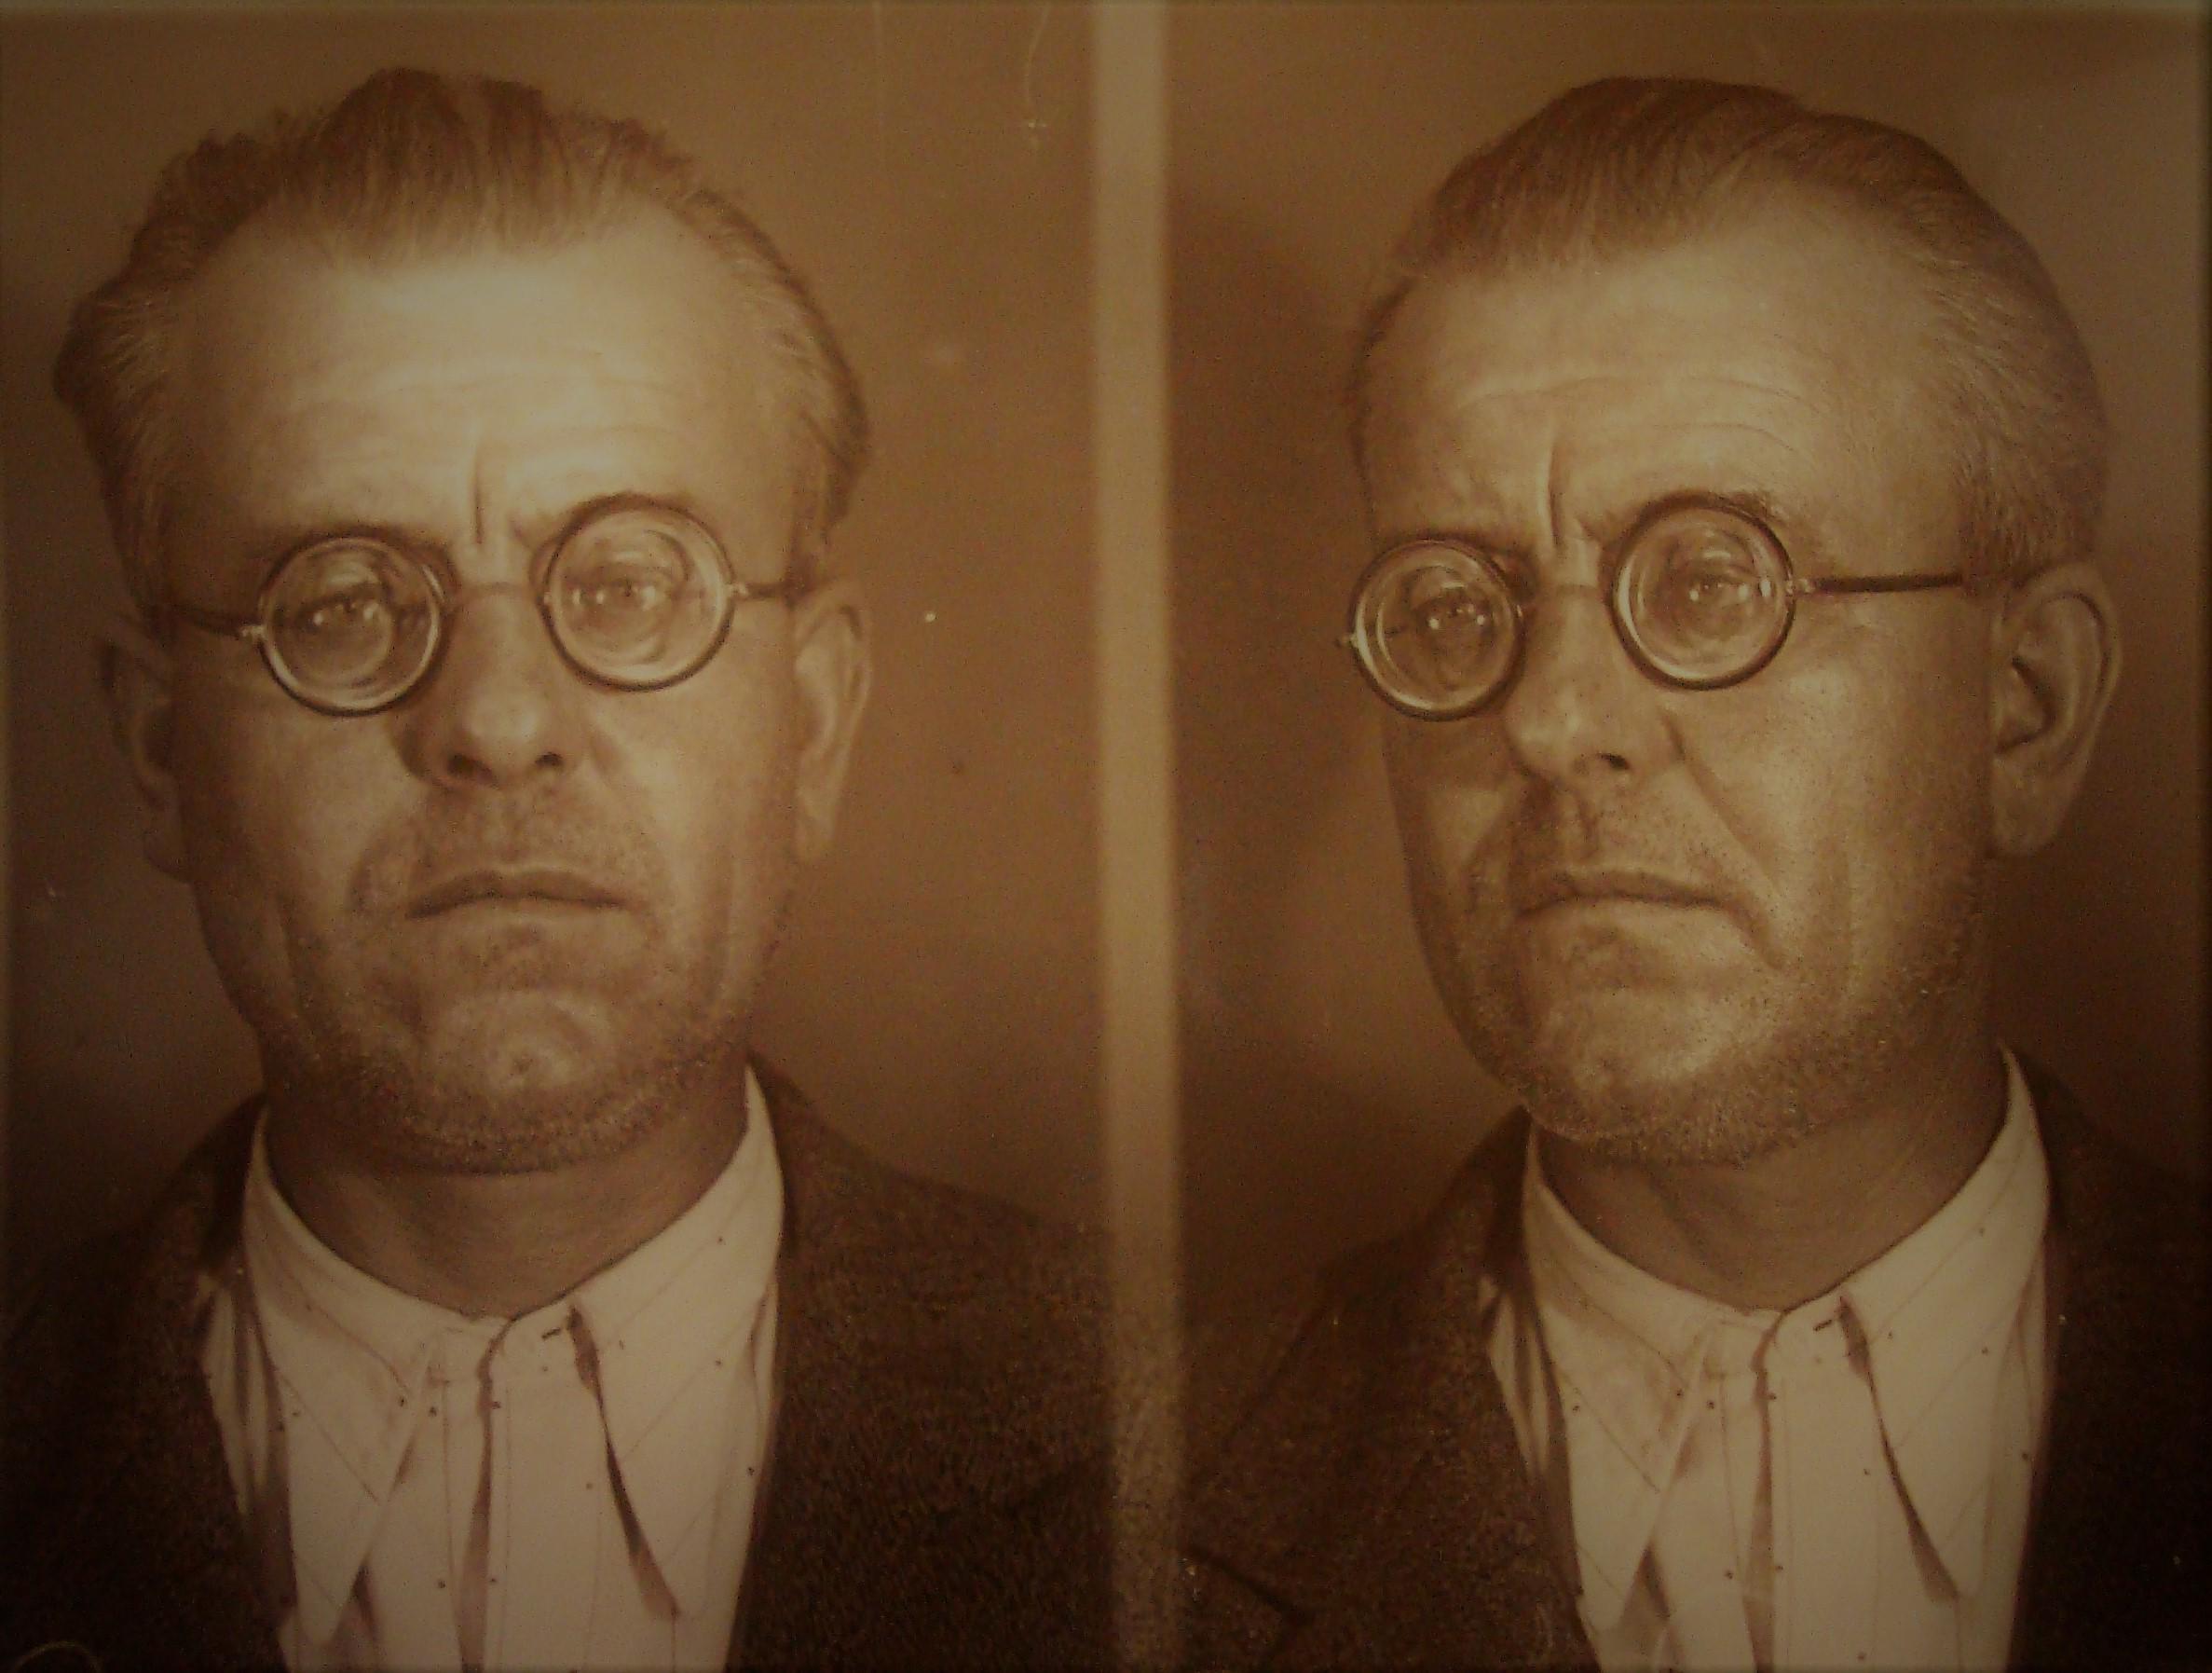 Altre foto segnaletiche di Agostino Pietrobuoni nel suo fascicolo personale. Archivio di Stato di Bologna.